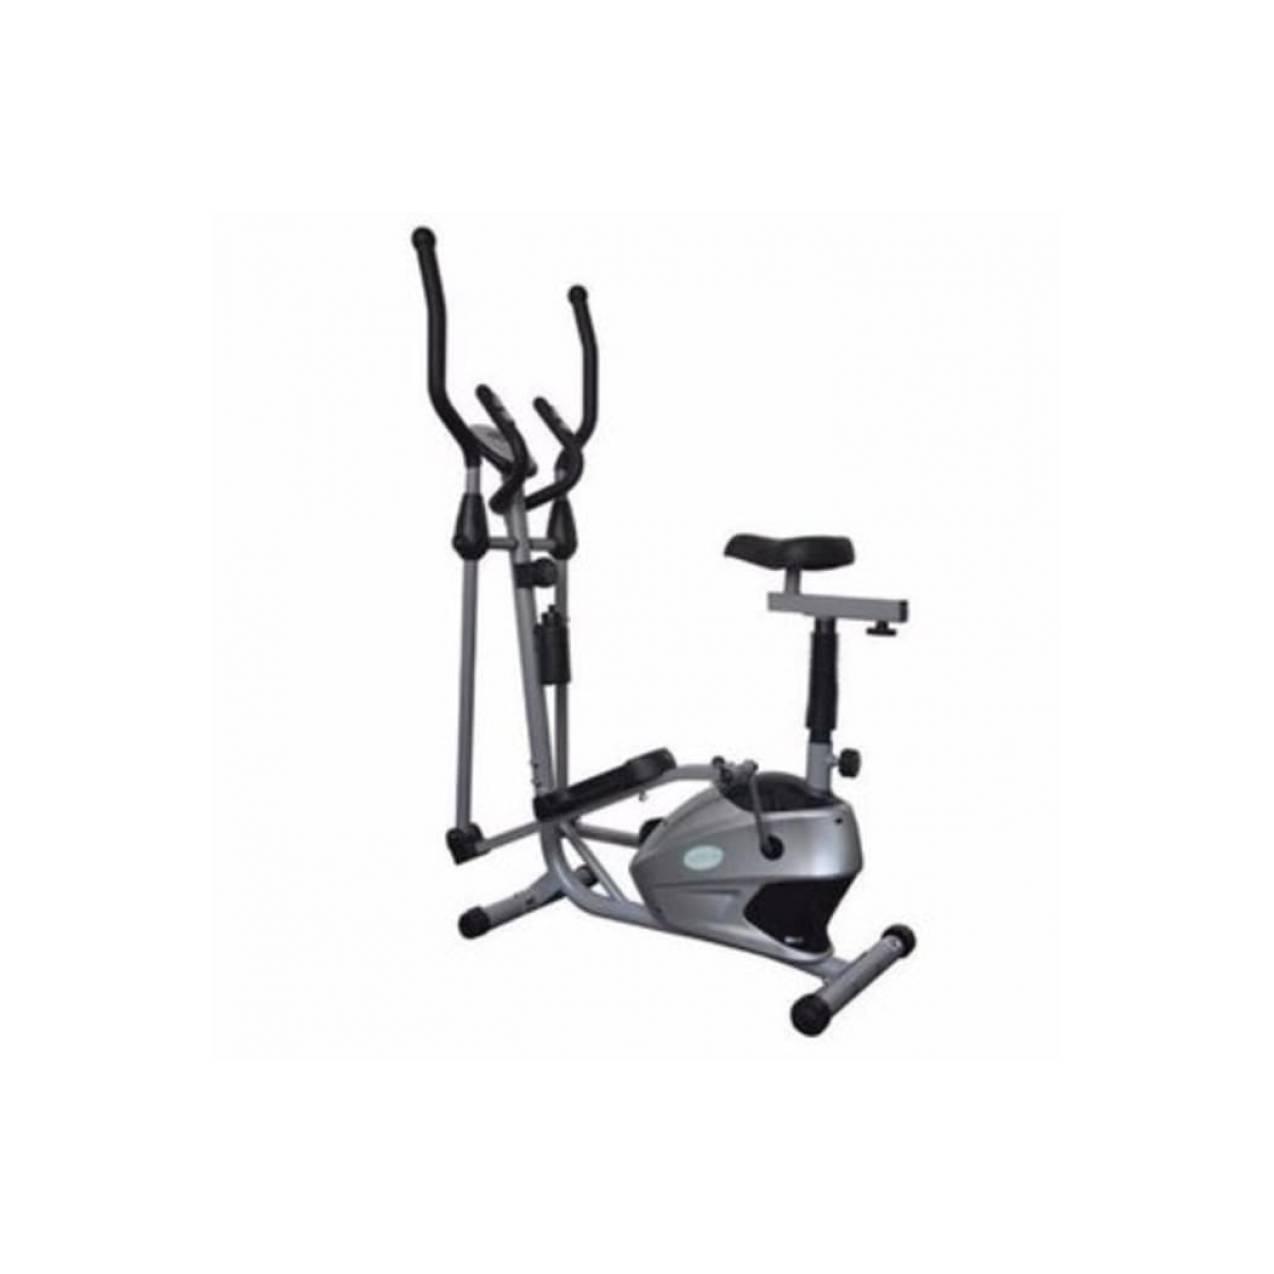 Free Ongkir Jabodetabek Jabar Jateng Jatim Total Fitness Official Spinning Bike Tl8555 Gtv Crosstrainer Dudukan 2 In 1 Alat Fitnes Tl 8502 Eliptical